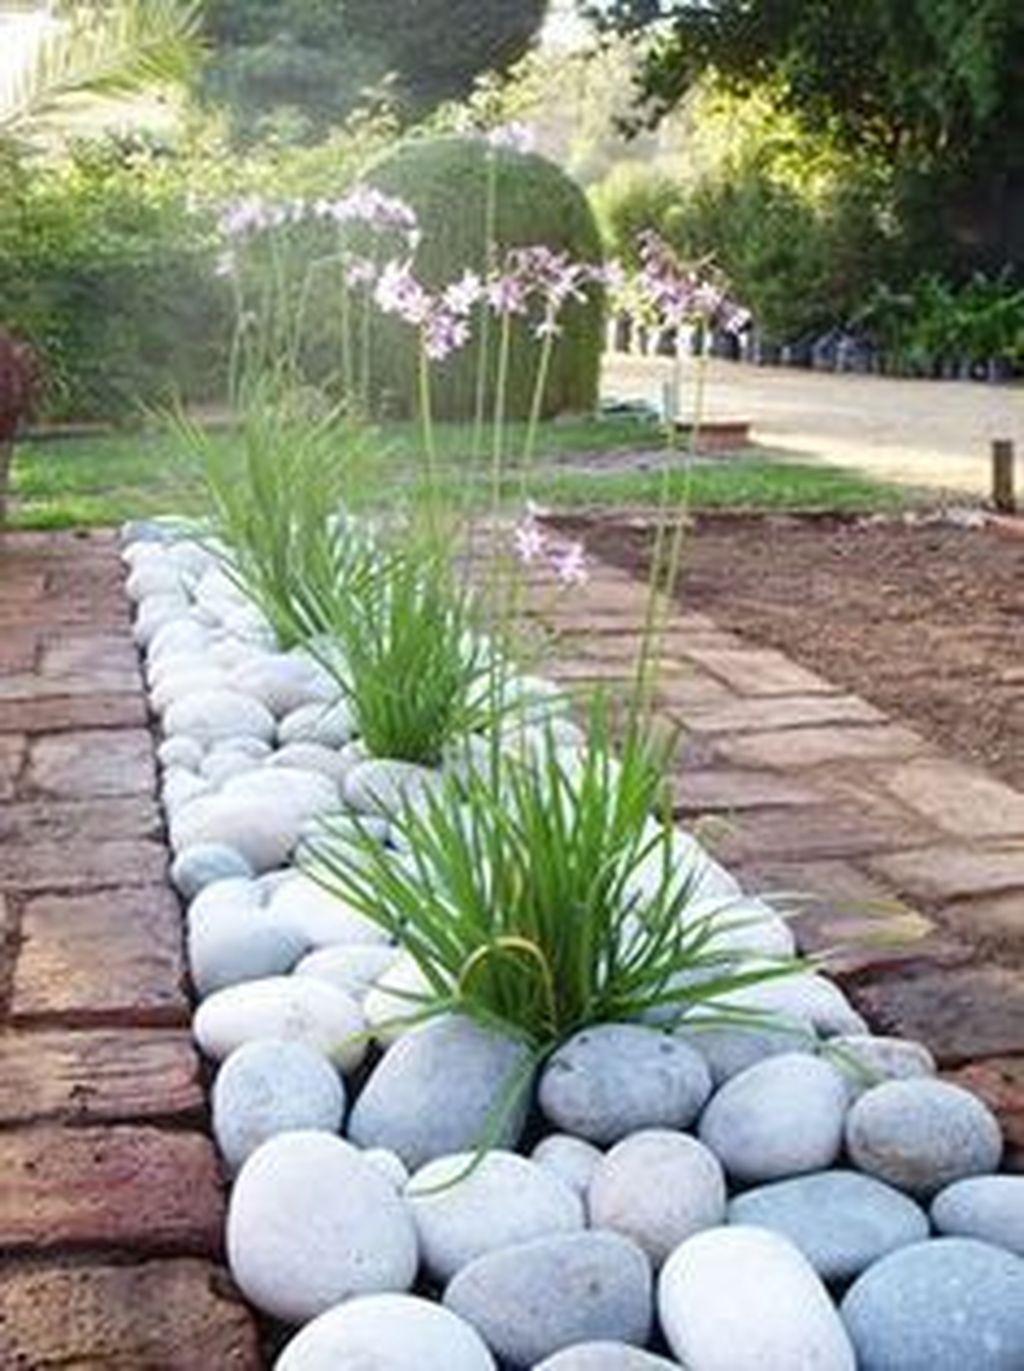 30 Pretty Garden Design Ideas For Home Rock Garden Design Rock Garden Landscaping Backyard Landscaping Backyard garden for sale